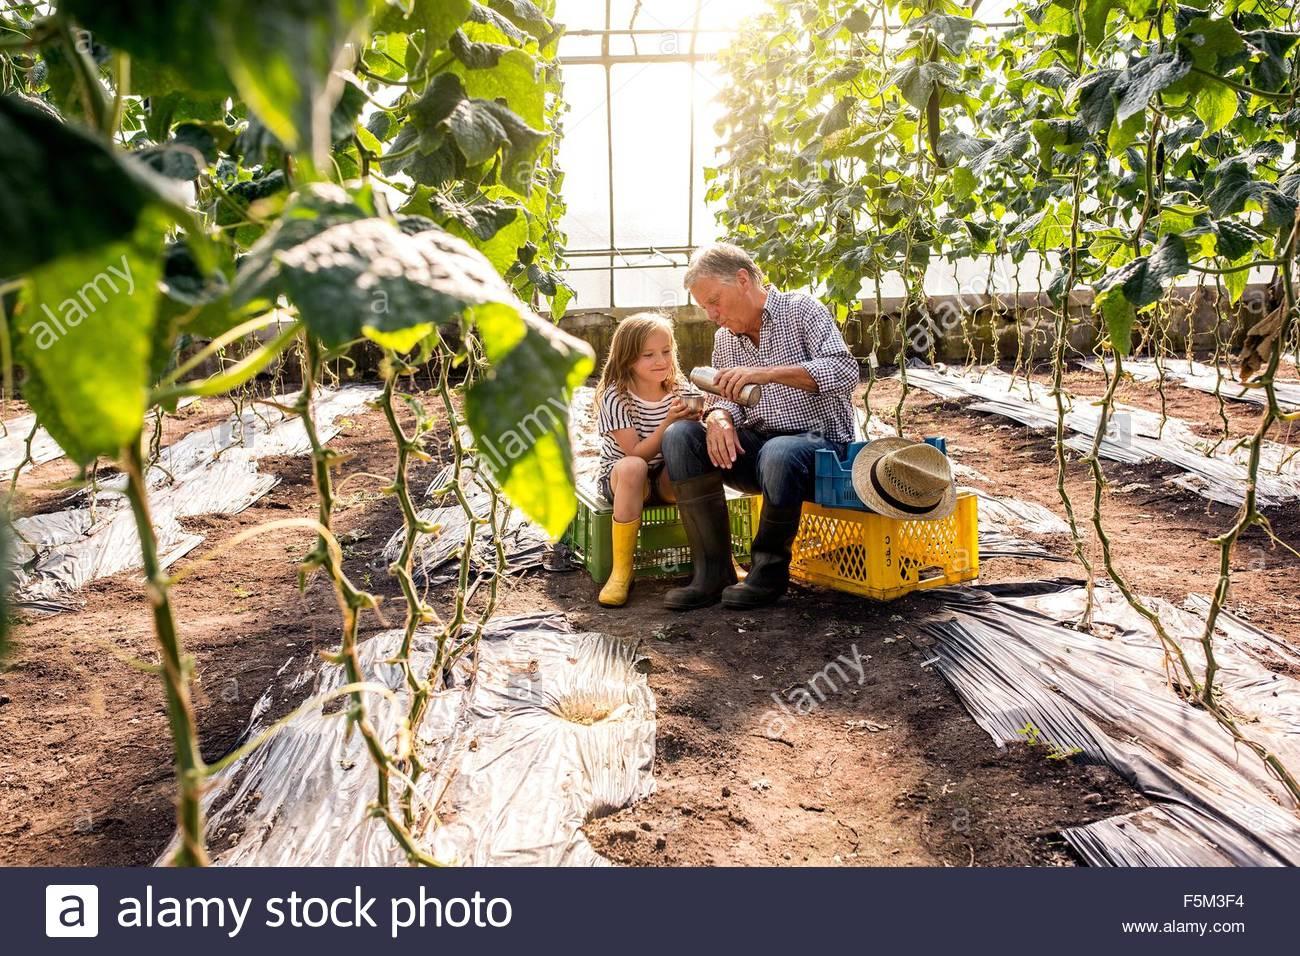 Abuelo y nieta en invernadero sentados en cajones de matraz vertiendo Imagen De Stock